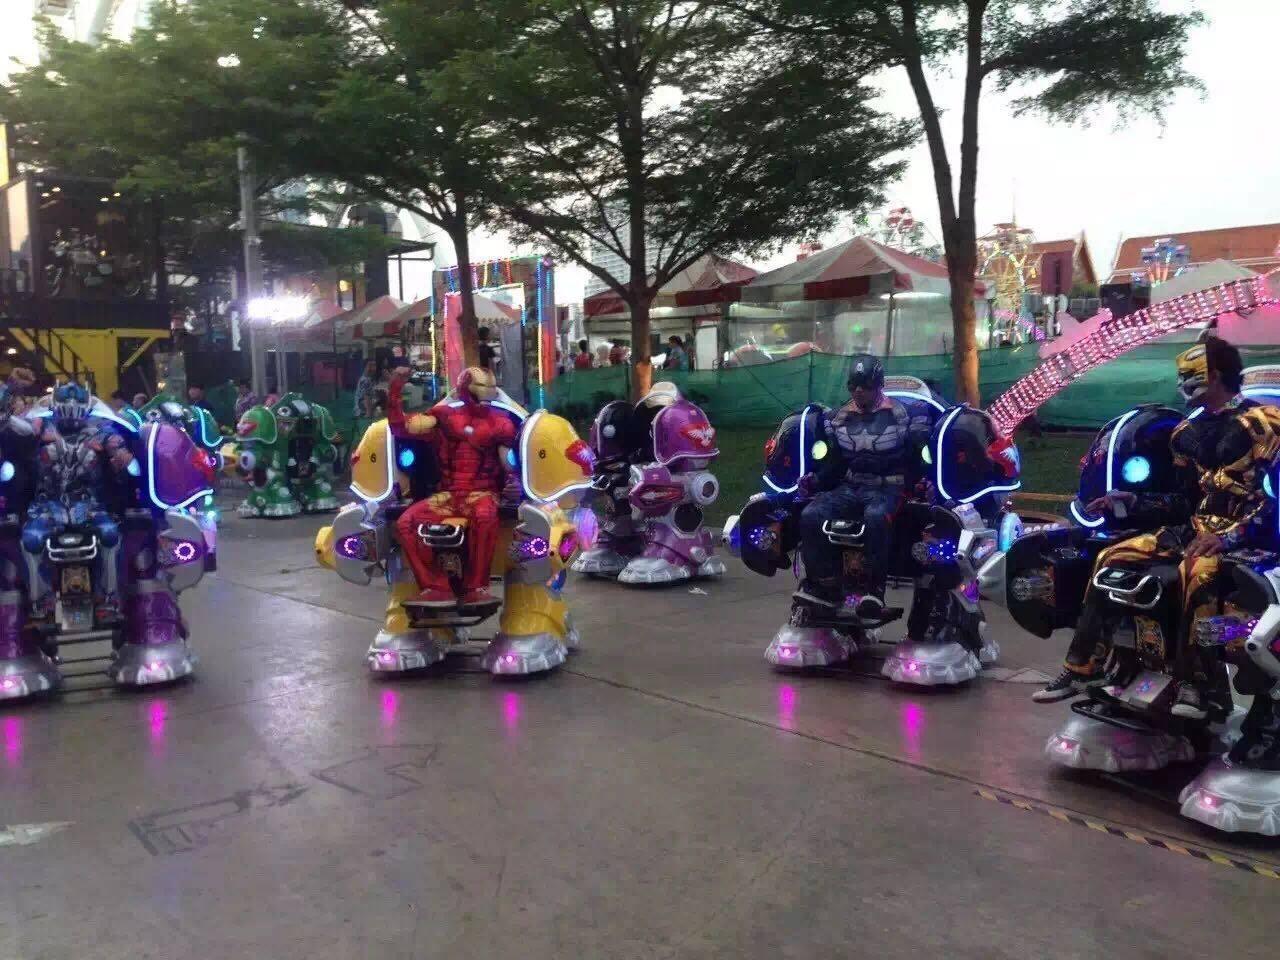 2020厂家直销现货供应广场游乐战火金刚销售火爆儿童战火金刚机器人示例图12